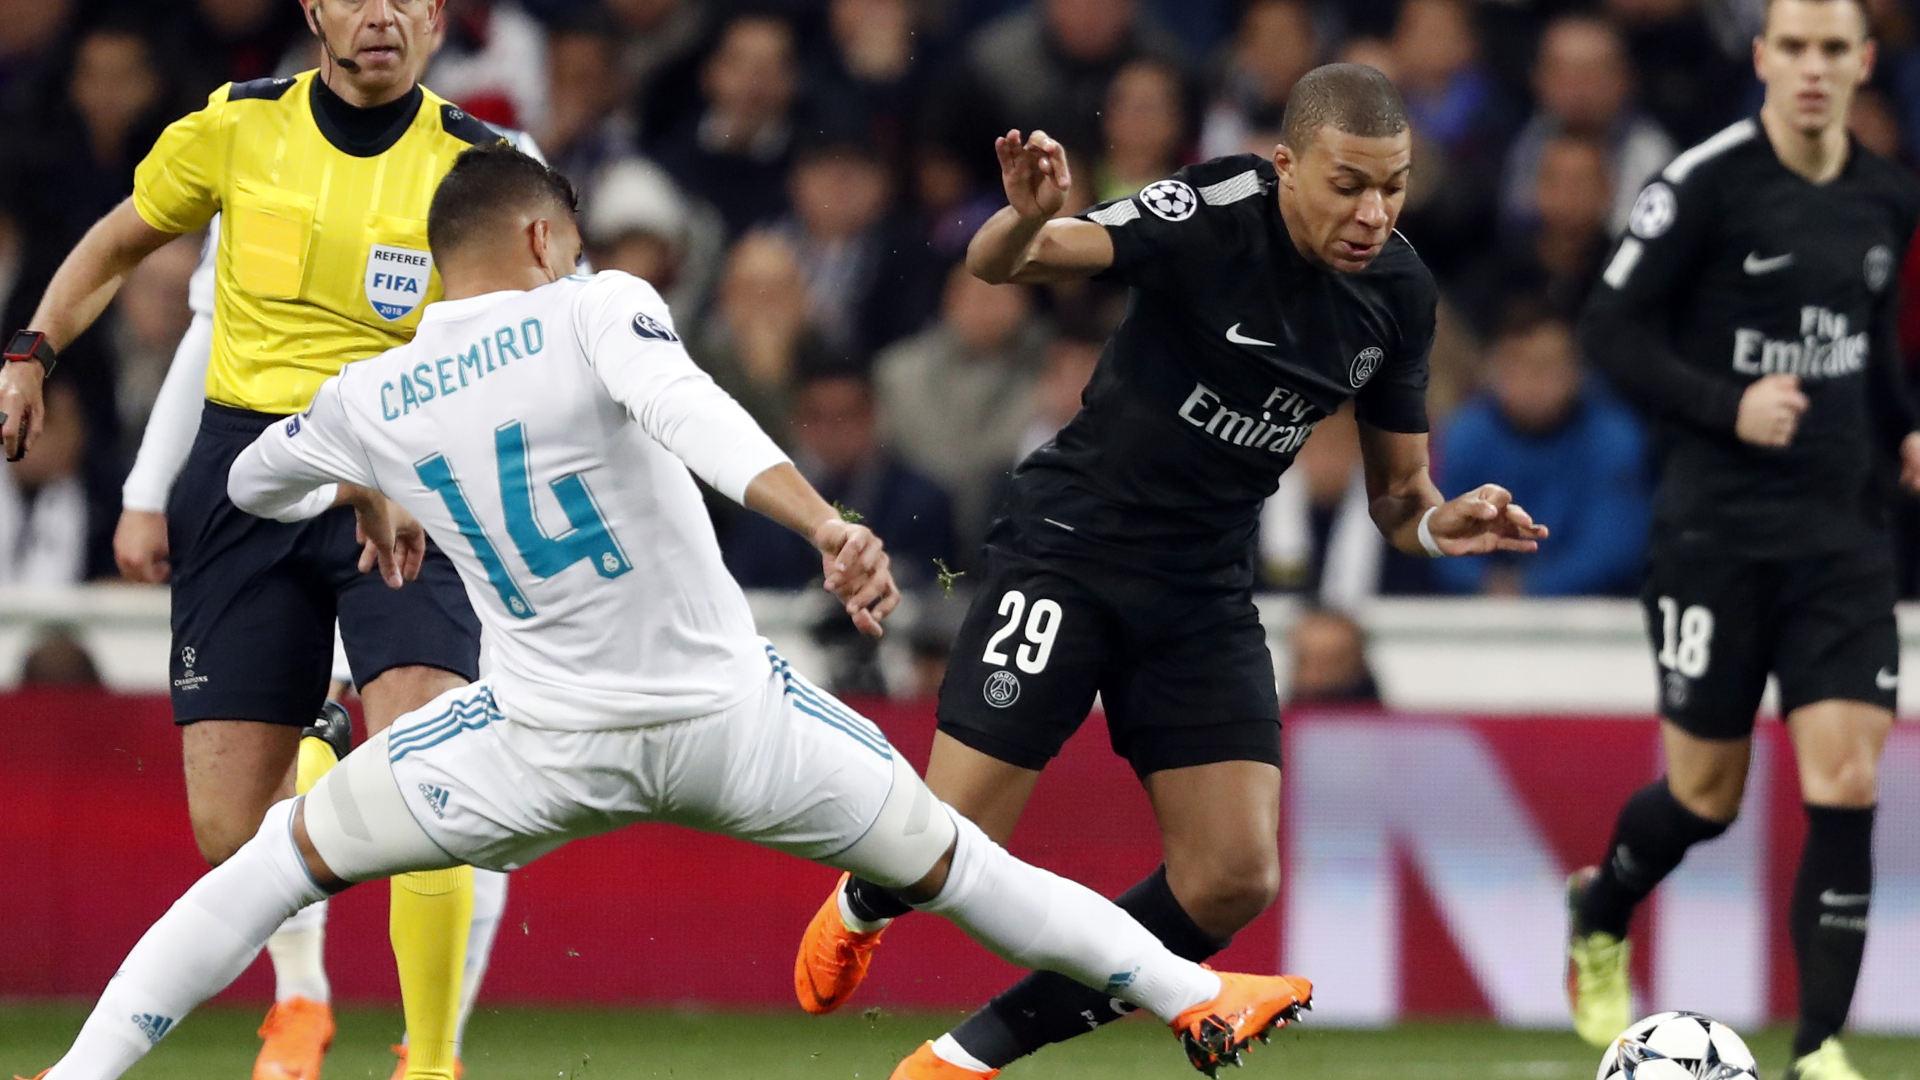 Mercato PSG - Une offre à 275 M¬ du Real pour Mbappé l'été prochain ?